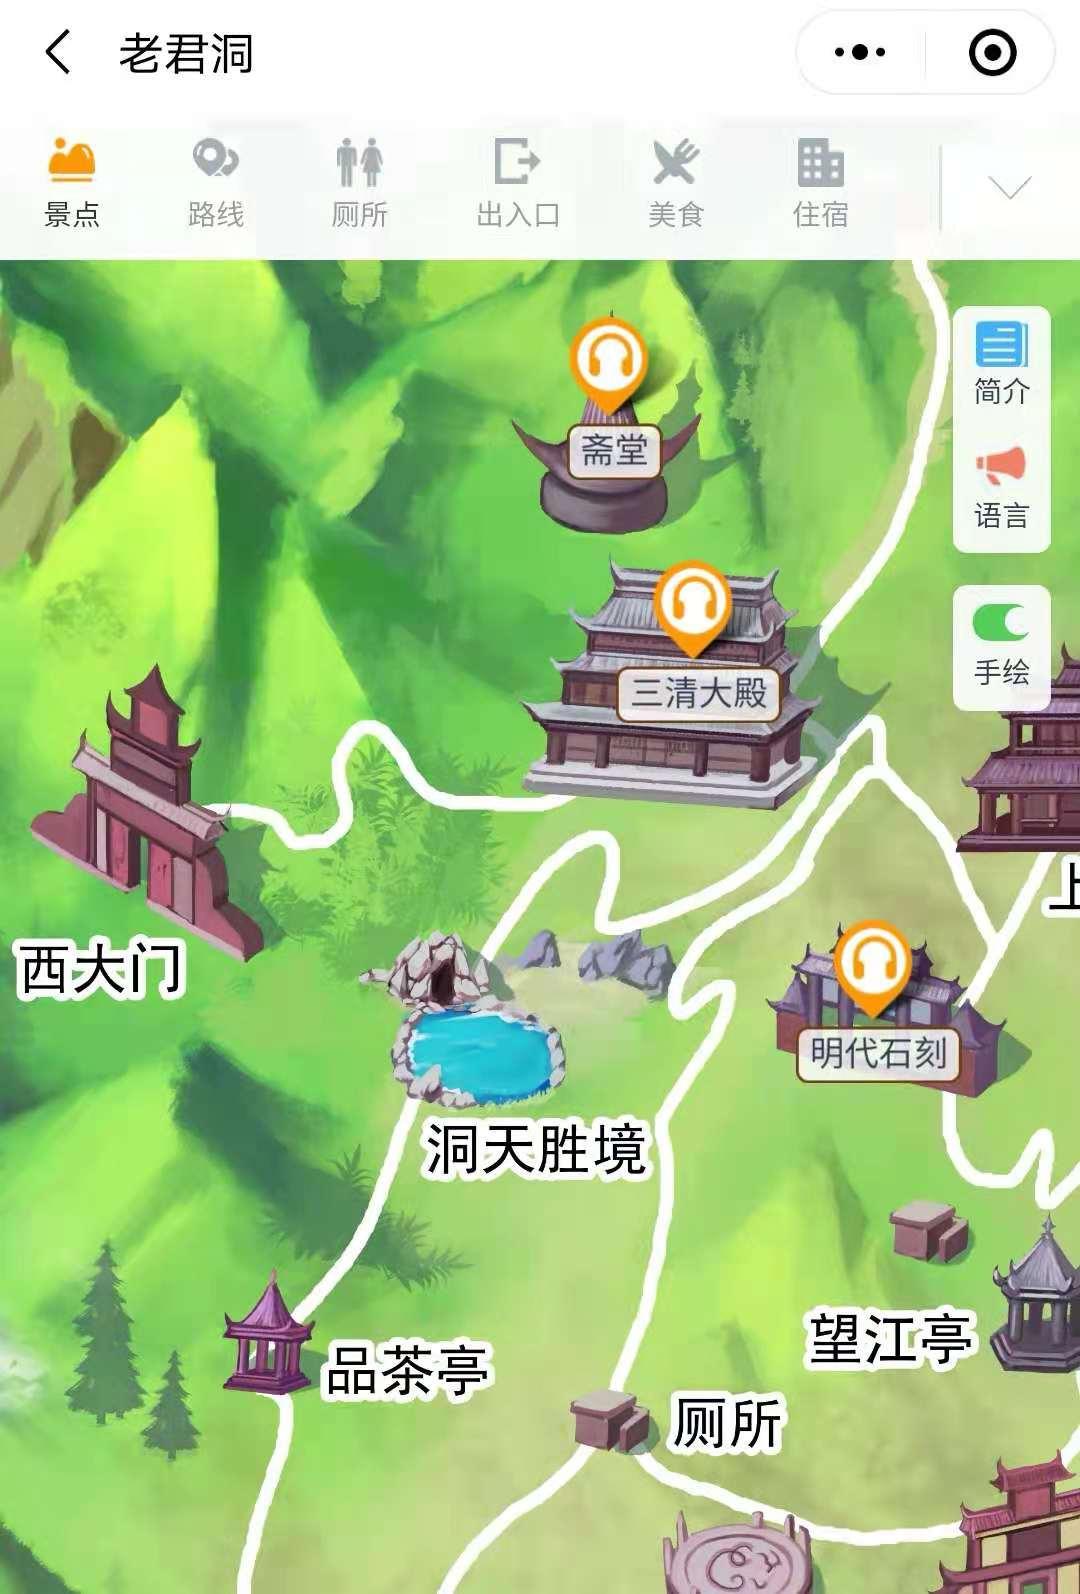 2021年老君洞景区手绘地图,电子导览,语音讲解系统上线.jpg